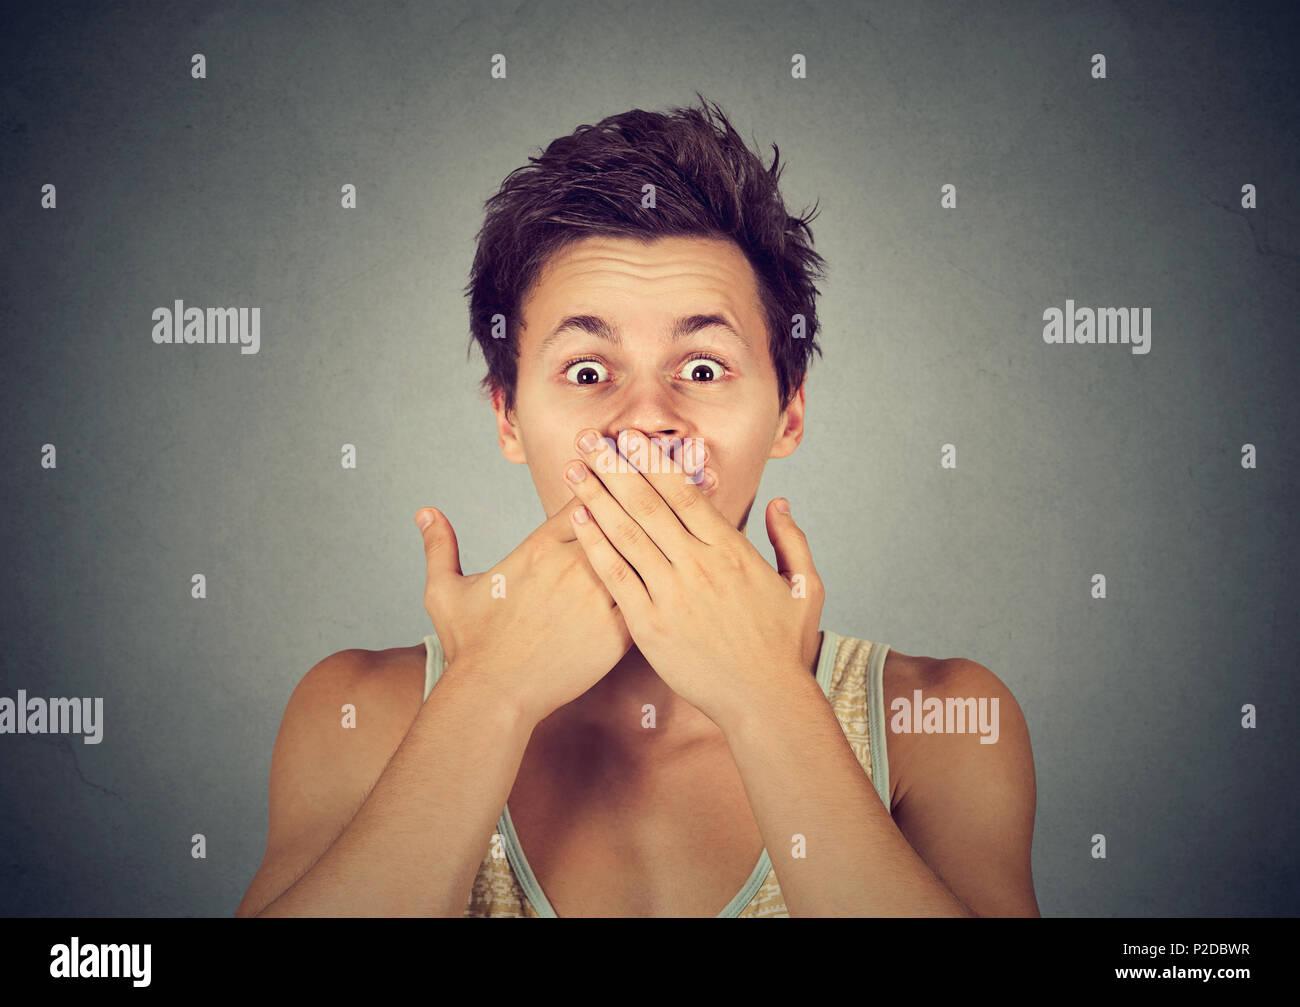 Aturdido joven guy cubriendo la boca con ambas manos buscando miedo de hablar y mirando a la cámara sobre gris Imagen De Stock